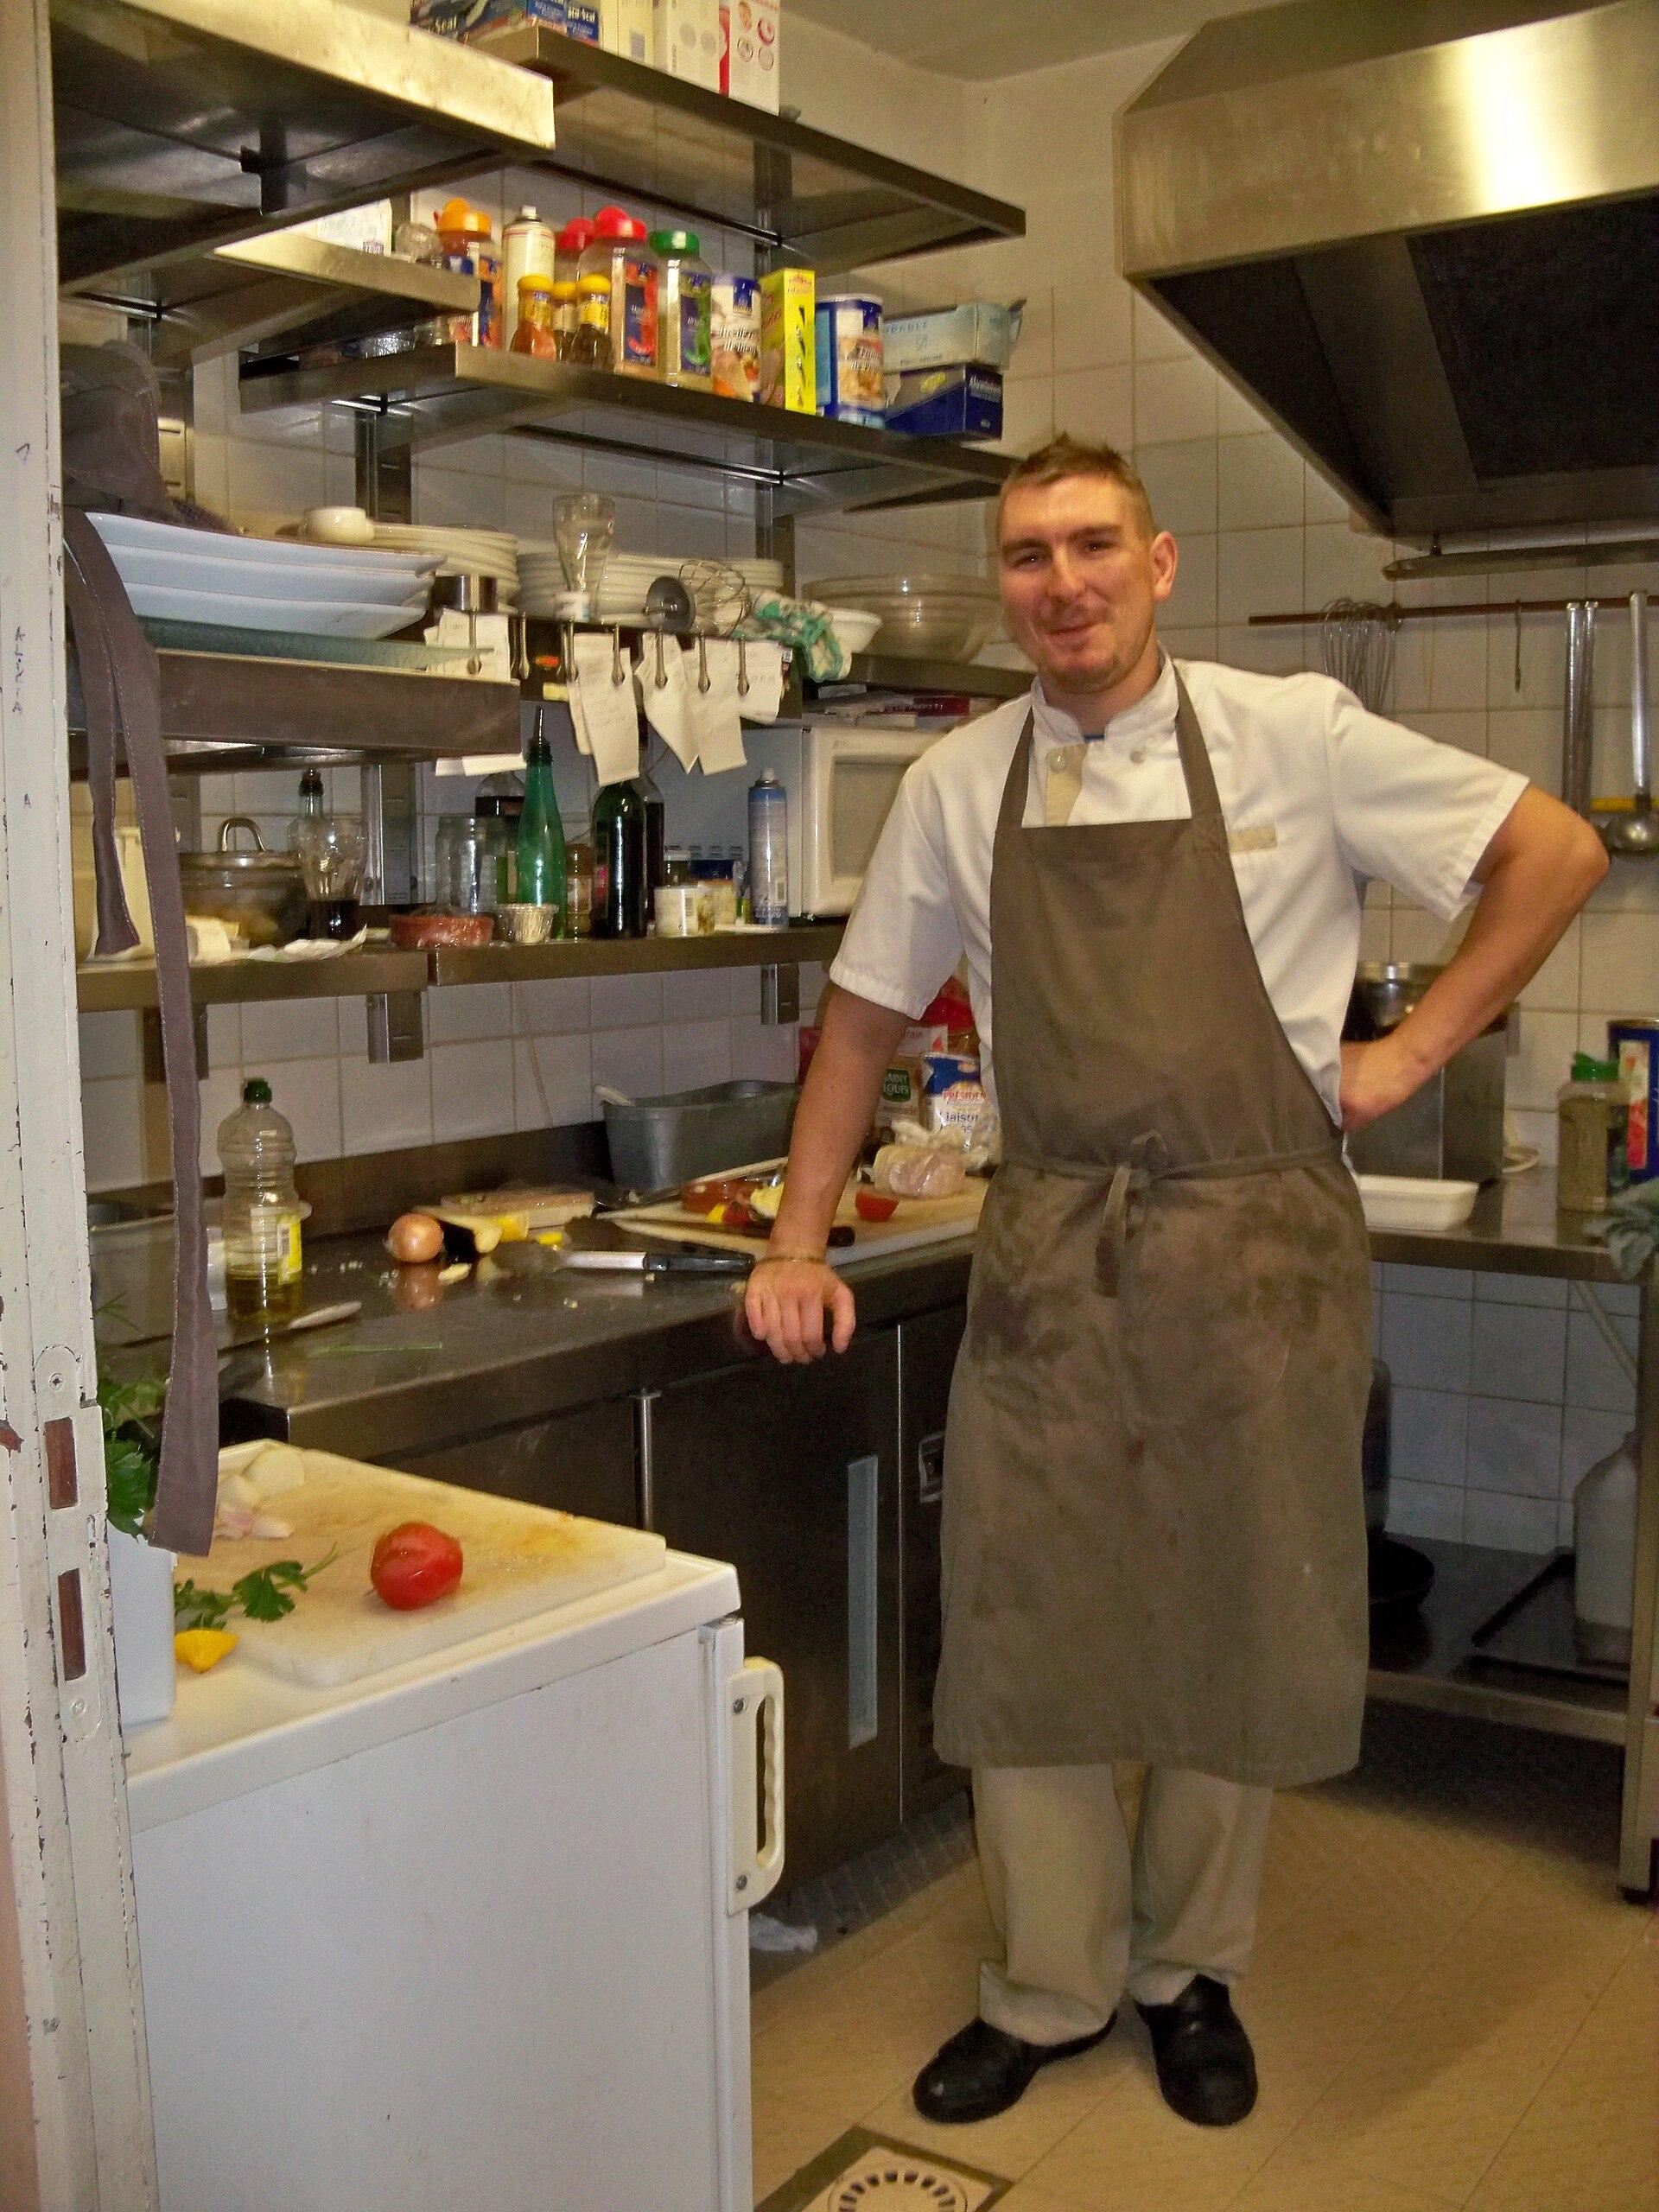 Cuisinier wikip dia - Definition d une cuisine centrale ...